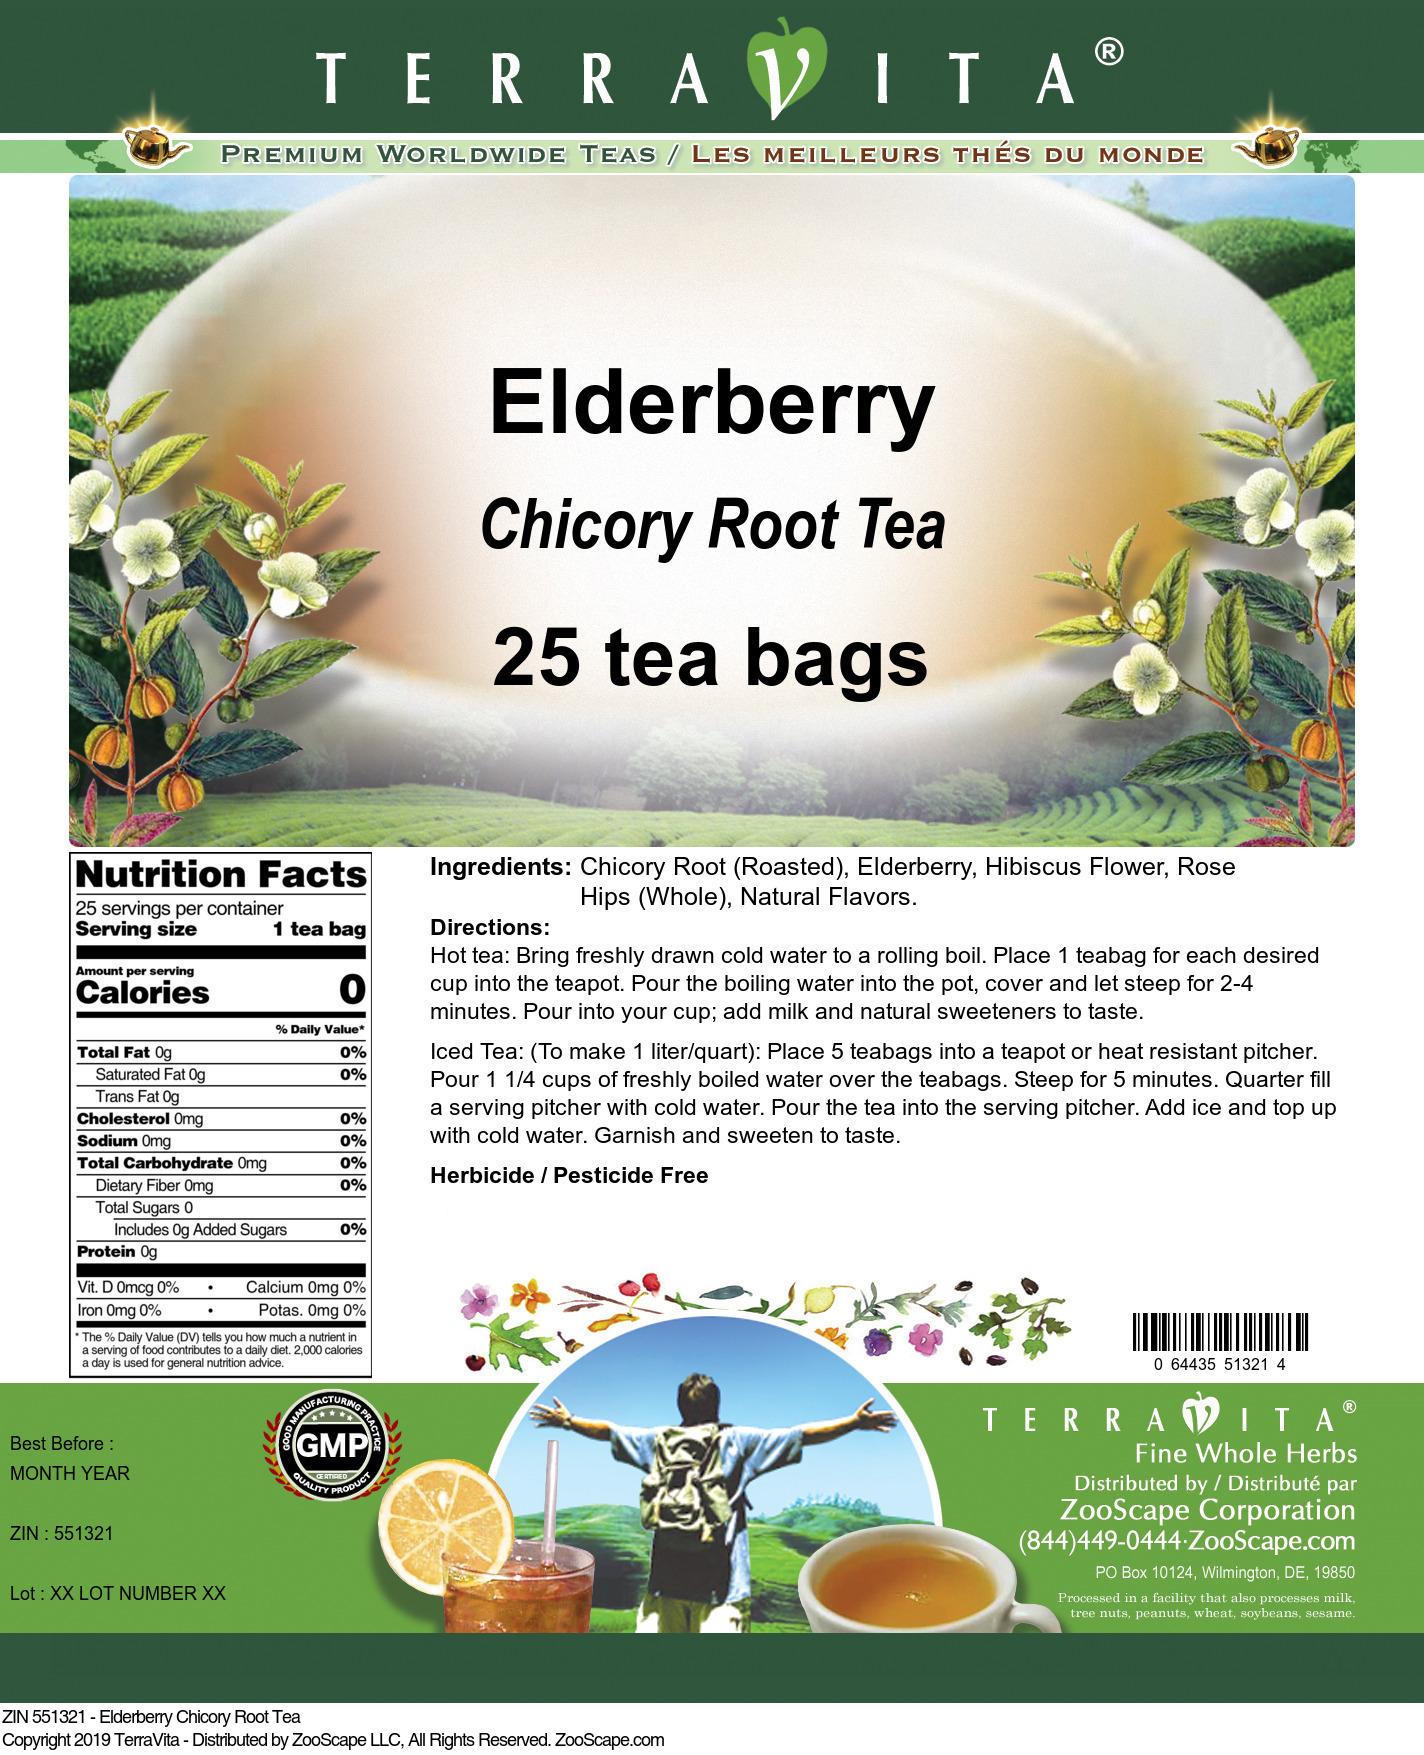 Elderberry Chicory Root